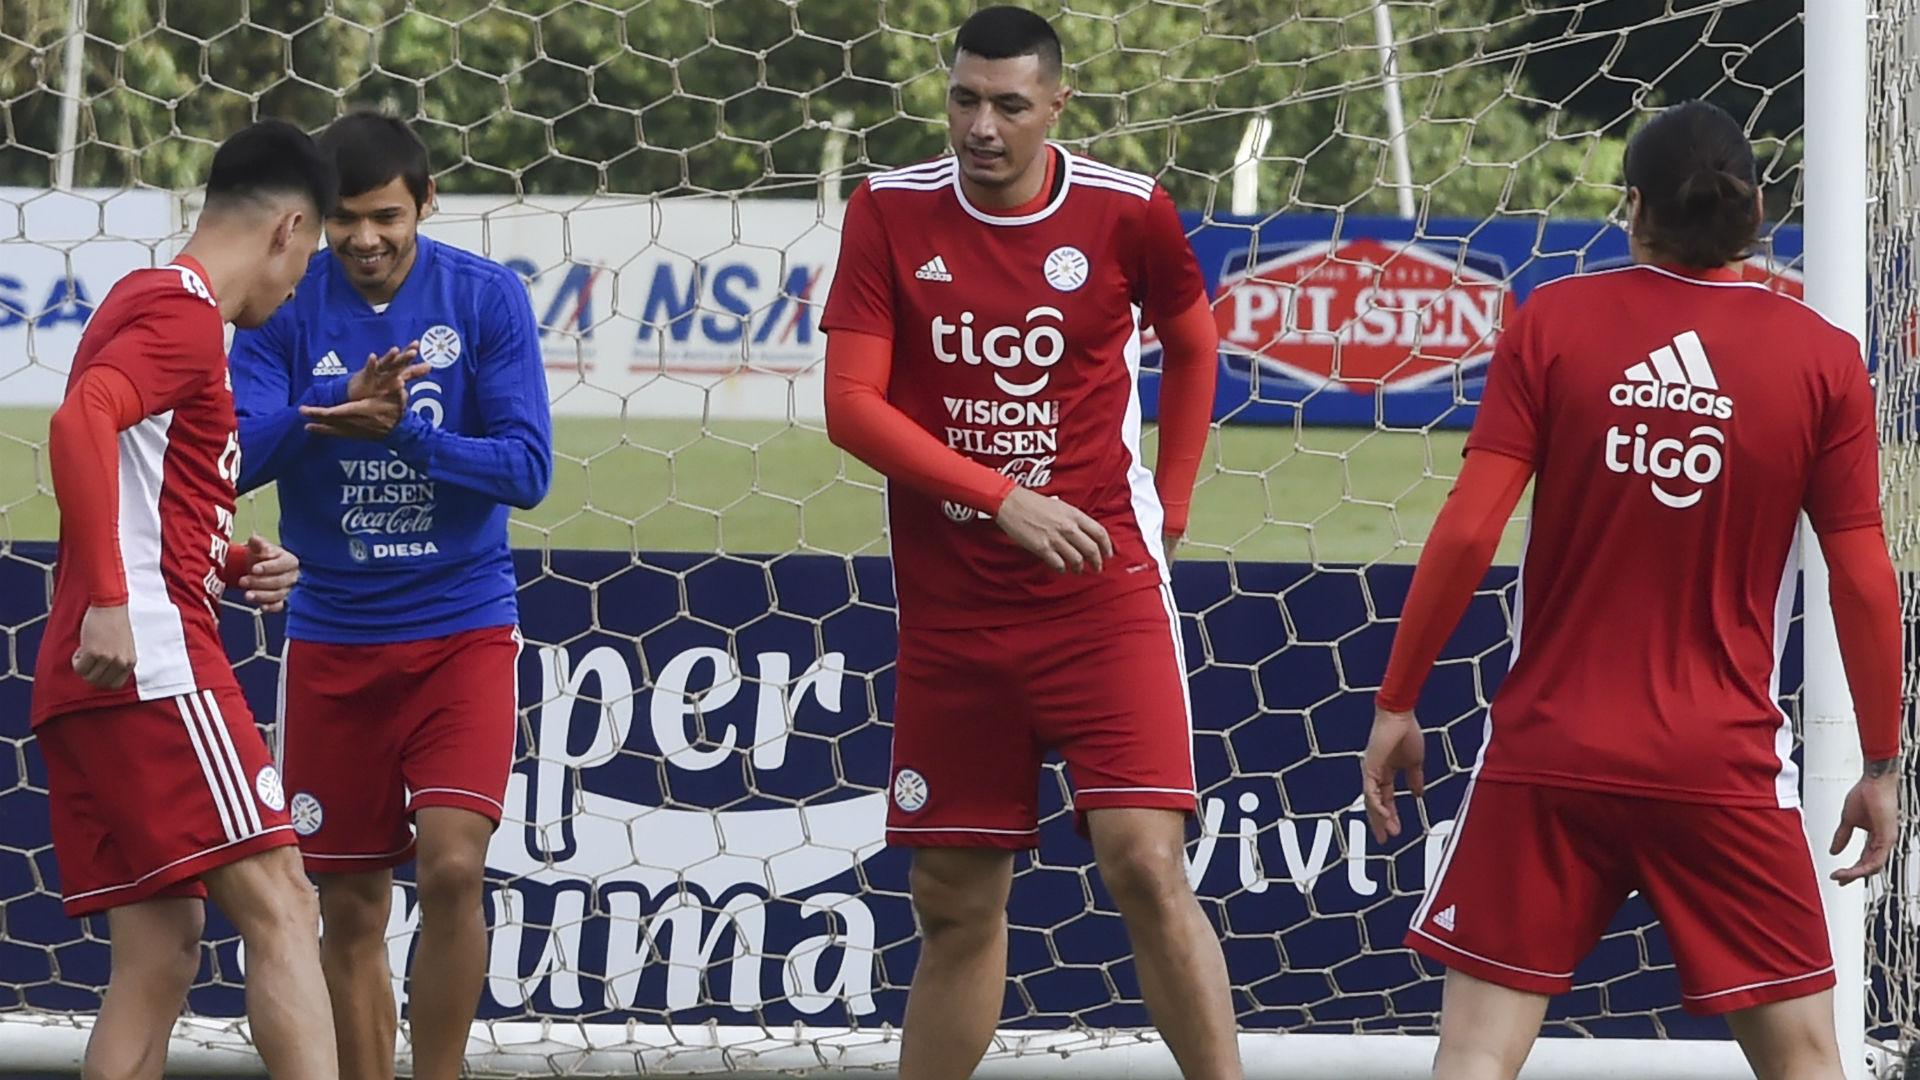 Días, horarios, fixture y partidos de la Copa América 2019